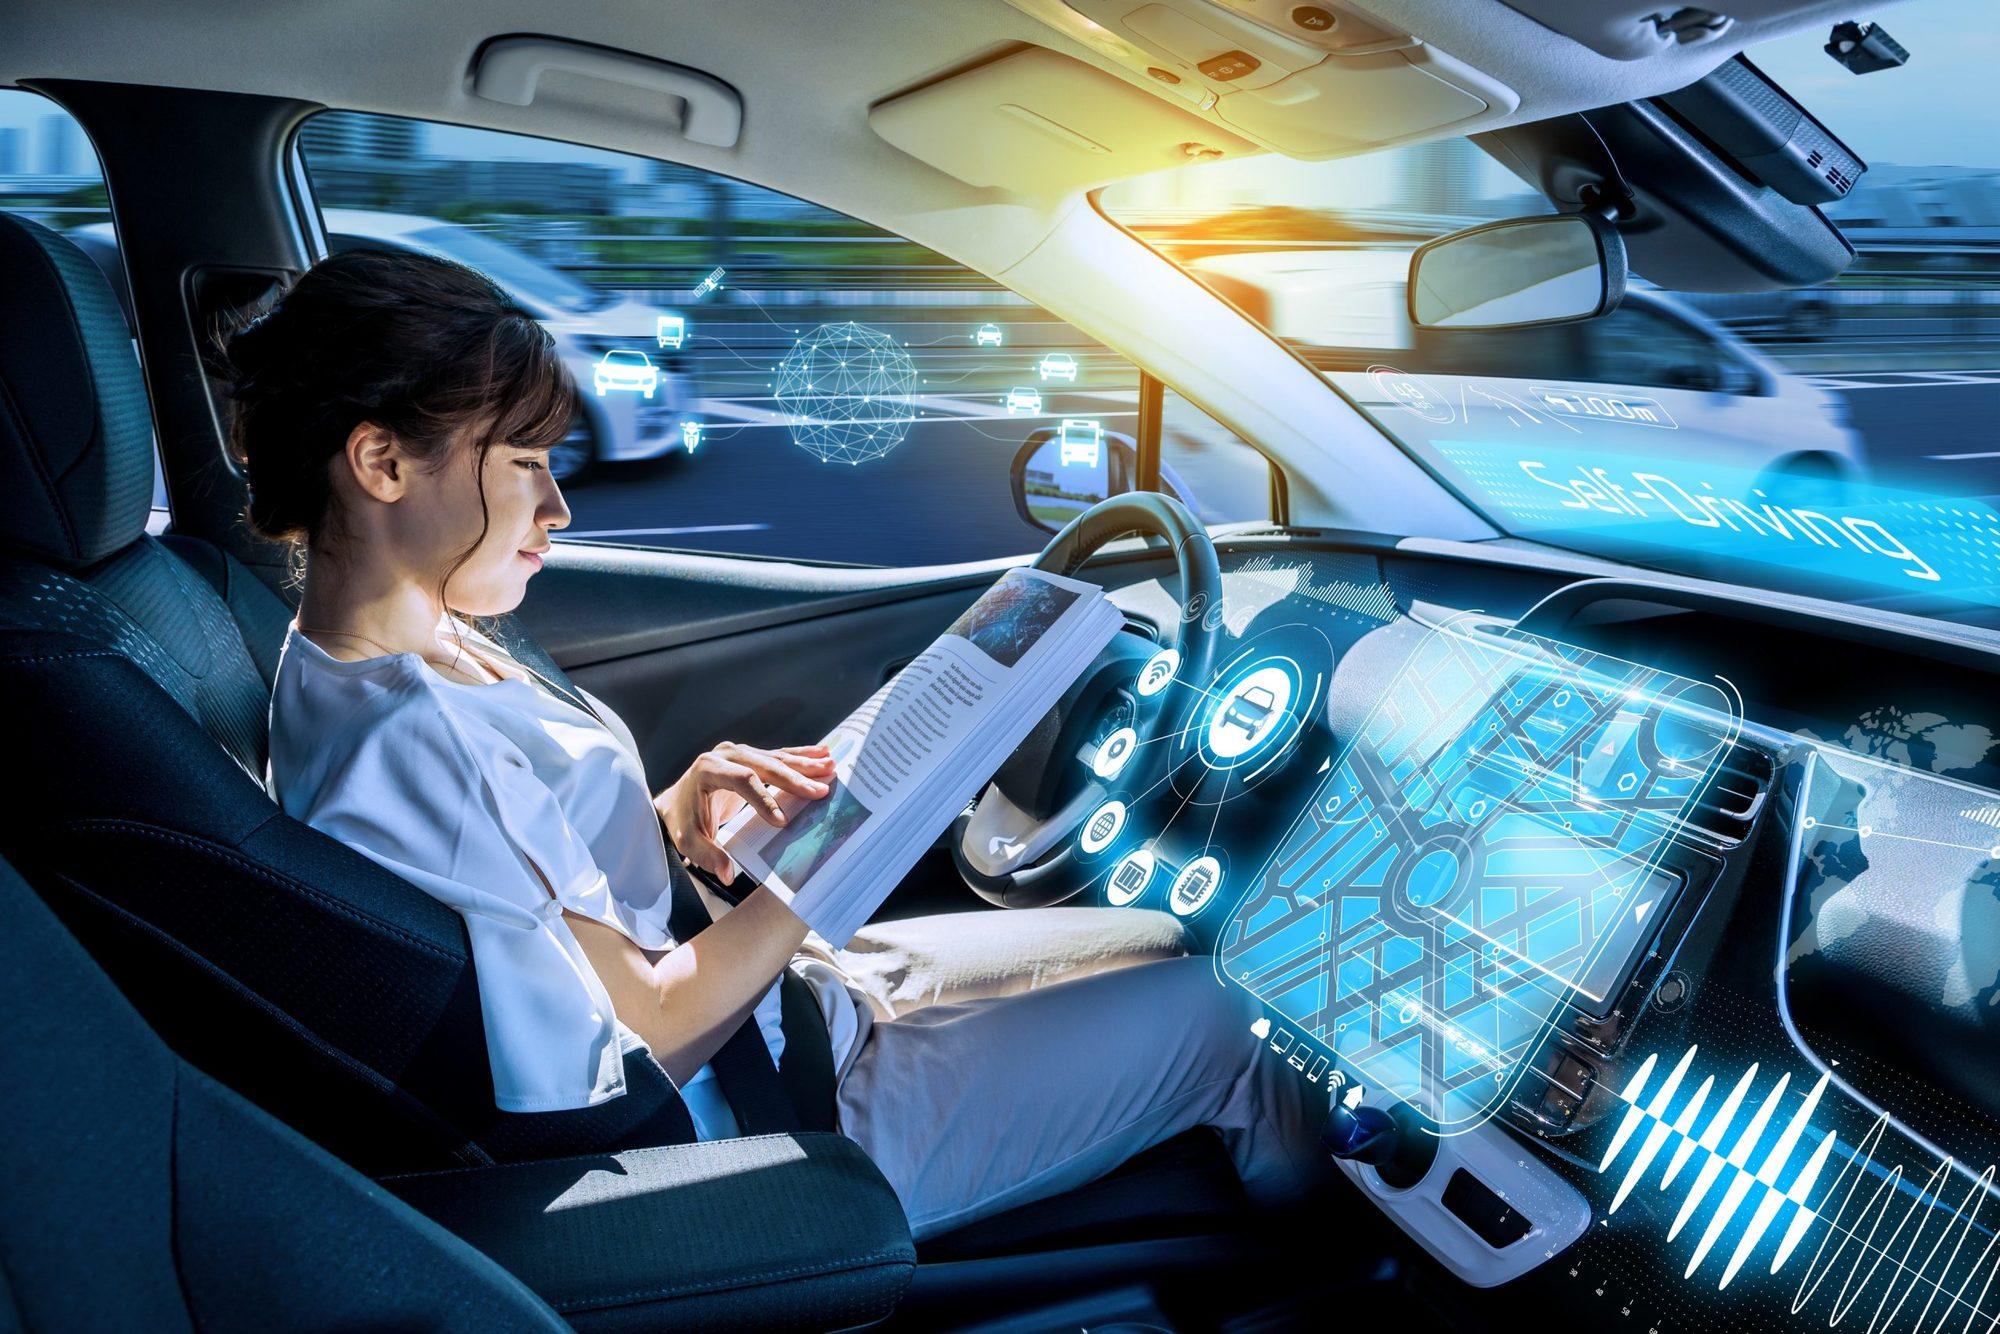 تقنية المركبة المستقلة أو ذاتية القيادة